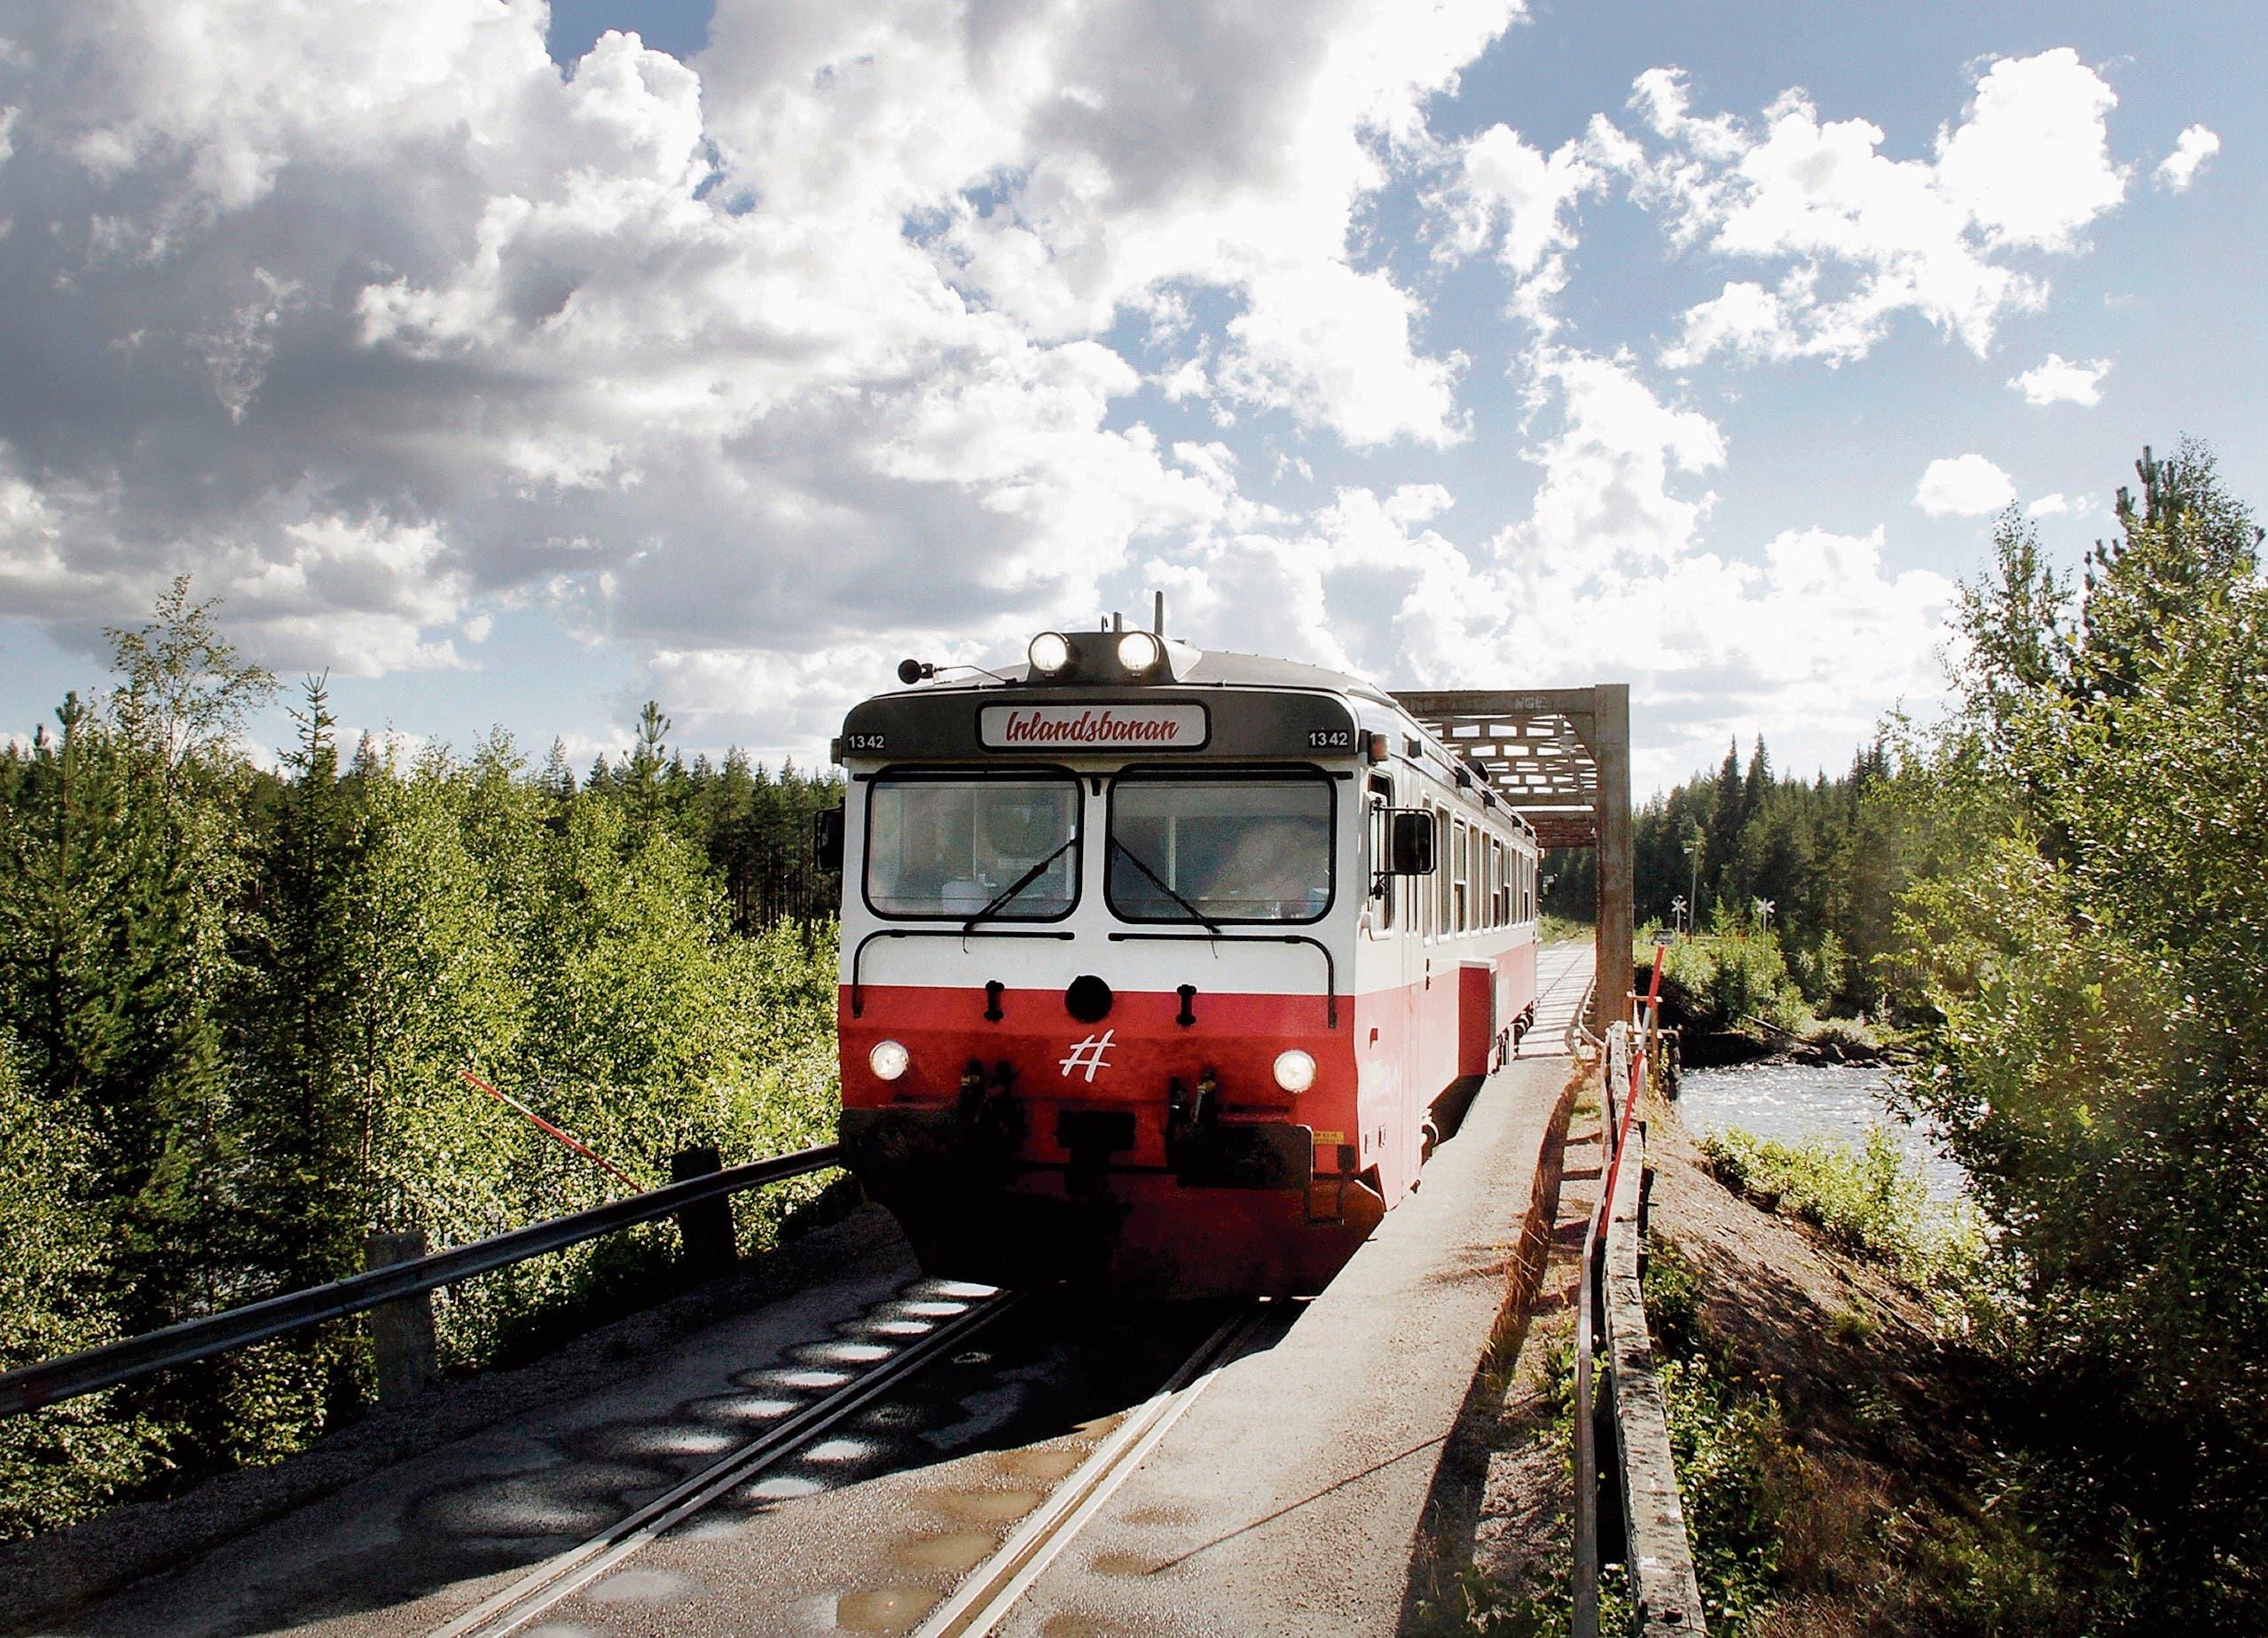 Nordwärts Richtung Lappland: die «Inlandsbanan» auf ihrer Fahrt über die Piteälvsbron, eine kombinierte Strassen-Schienen-Brücke. (Bild: Bilder: Axel Baumann)